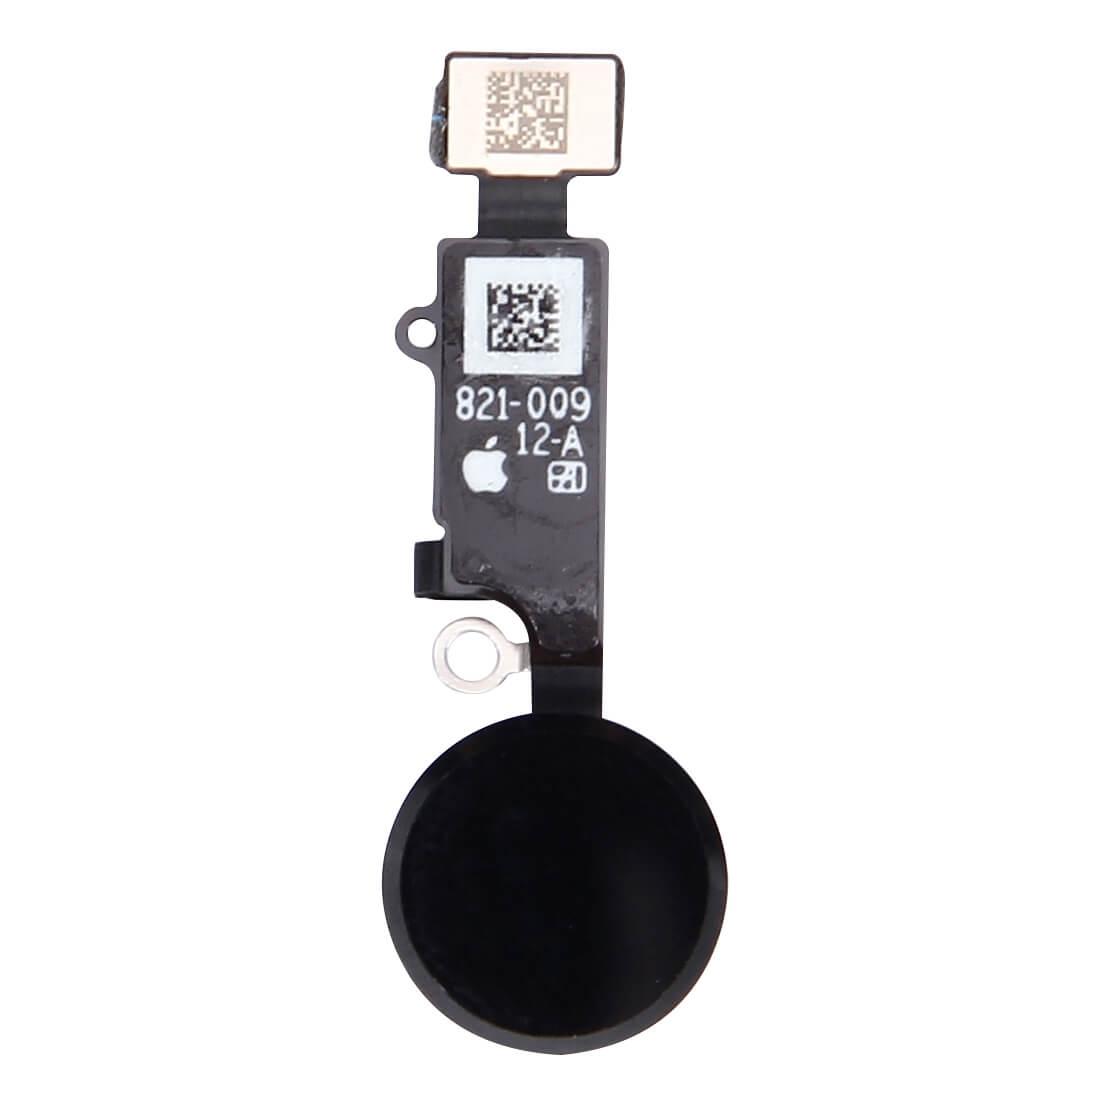 UNBRANDED Apple iPhone 7 Home button + flex kabel komplet - černý